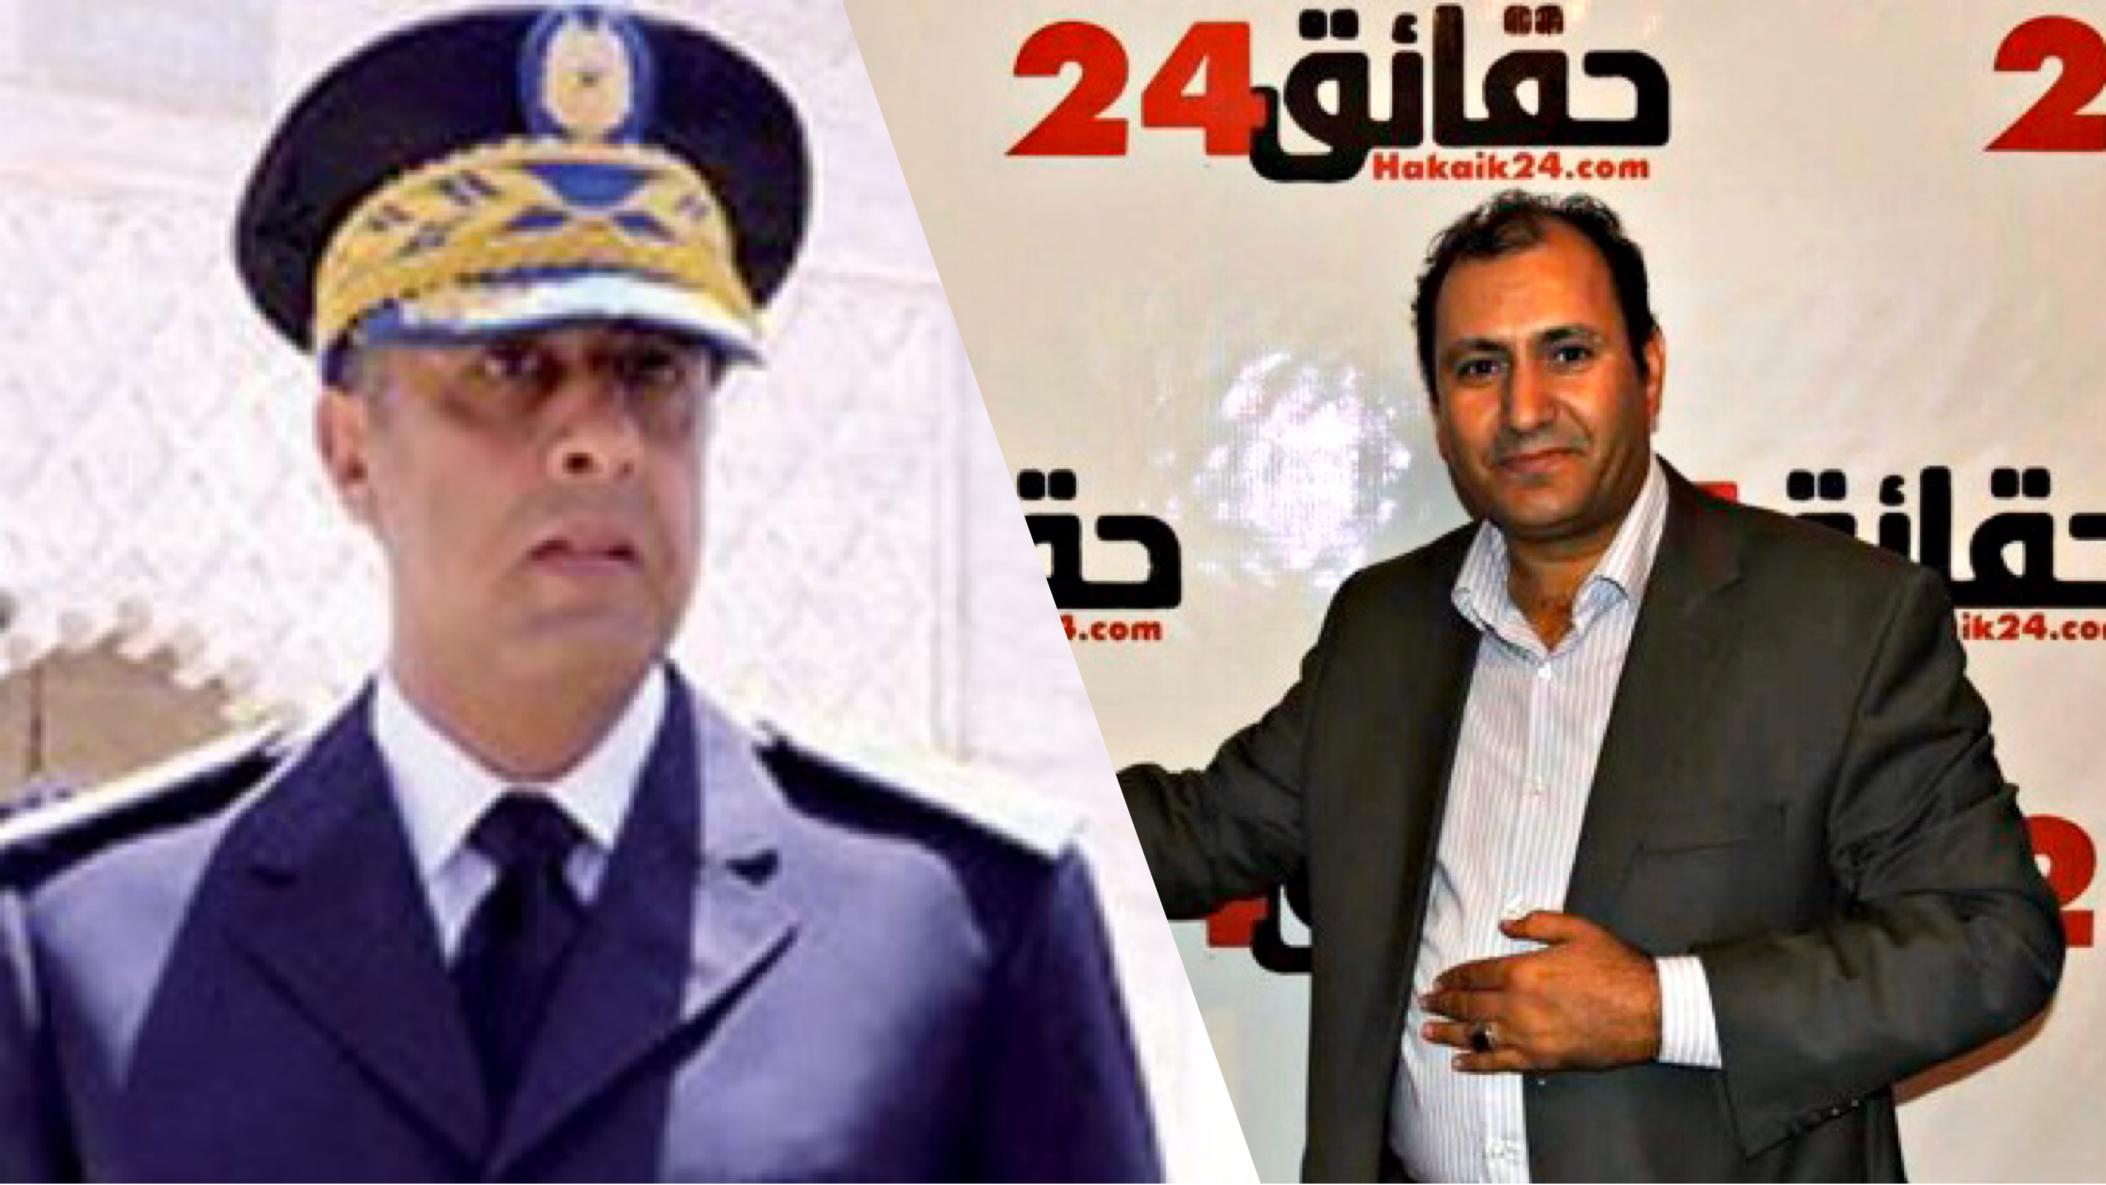 صورة حموشي يدخل على خط الإتهامات والتشهير بمسؤولين أمنيين بتطوان